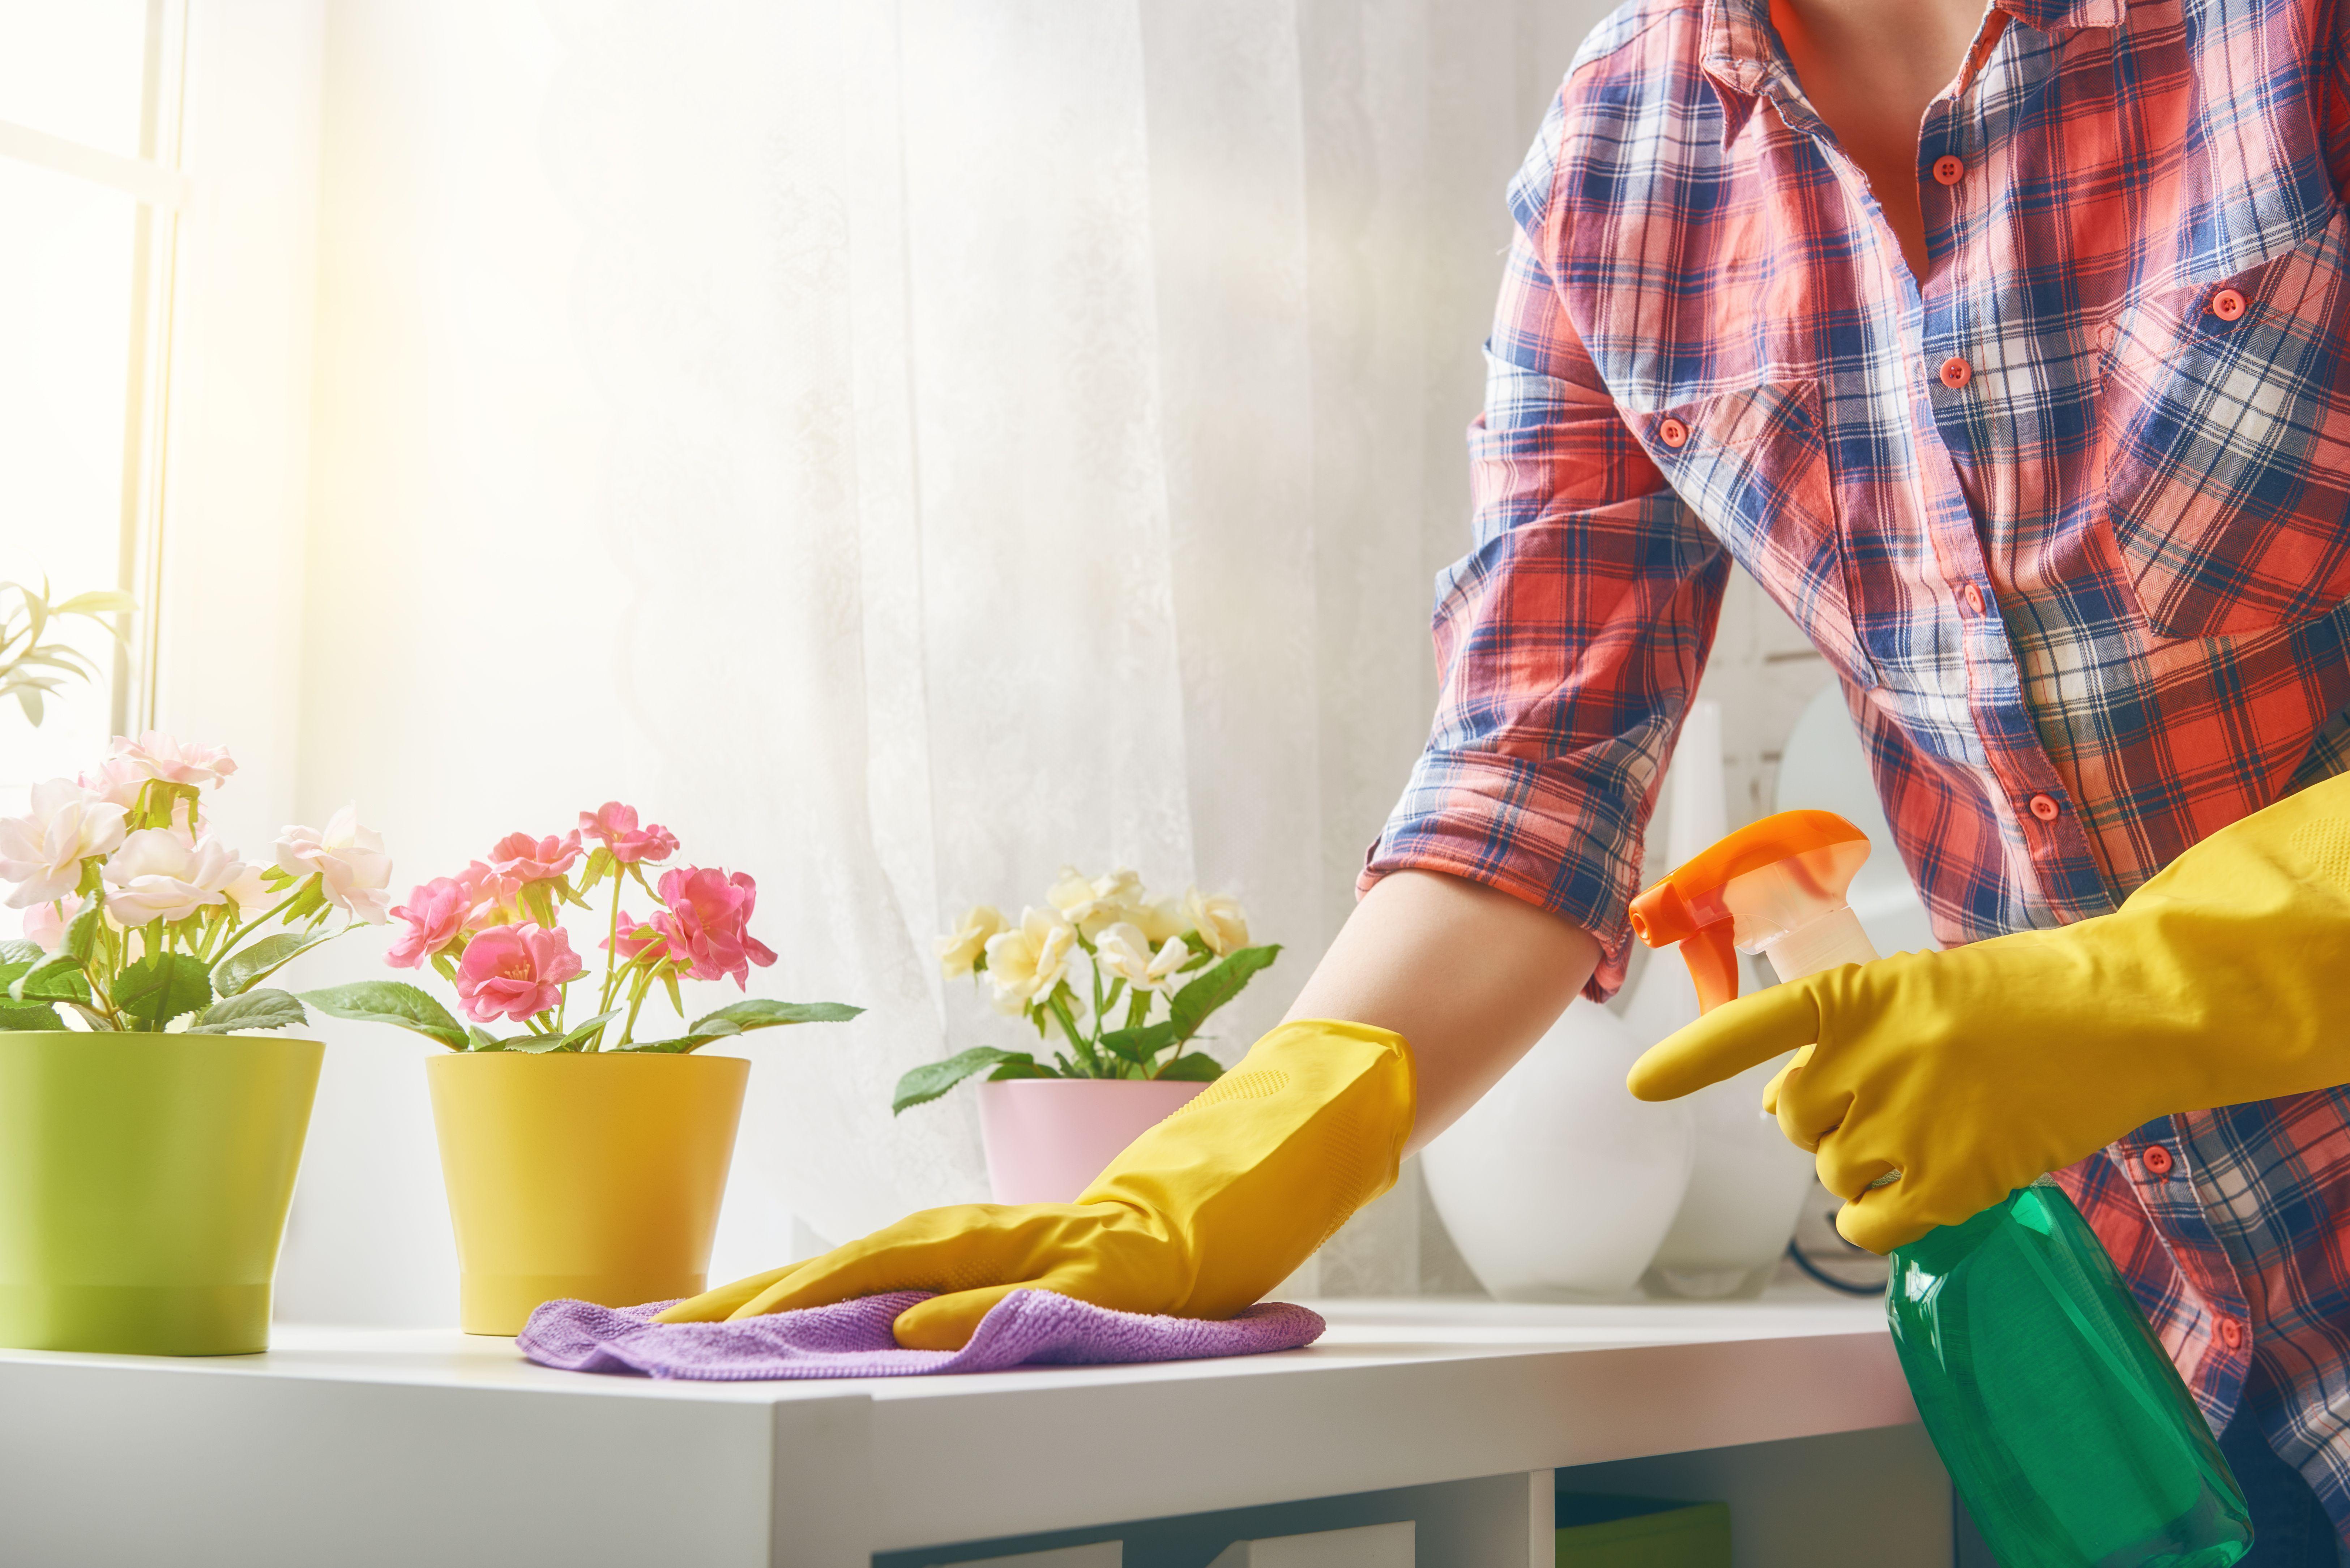 Limpiezas del hogar: Limpieza y mantenimientos de LDC Limpiezas de Celis